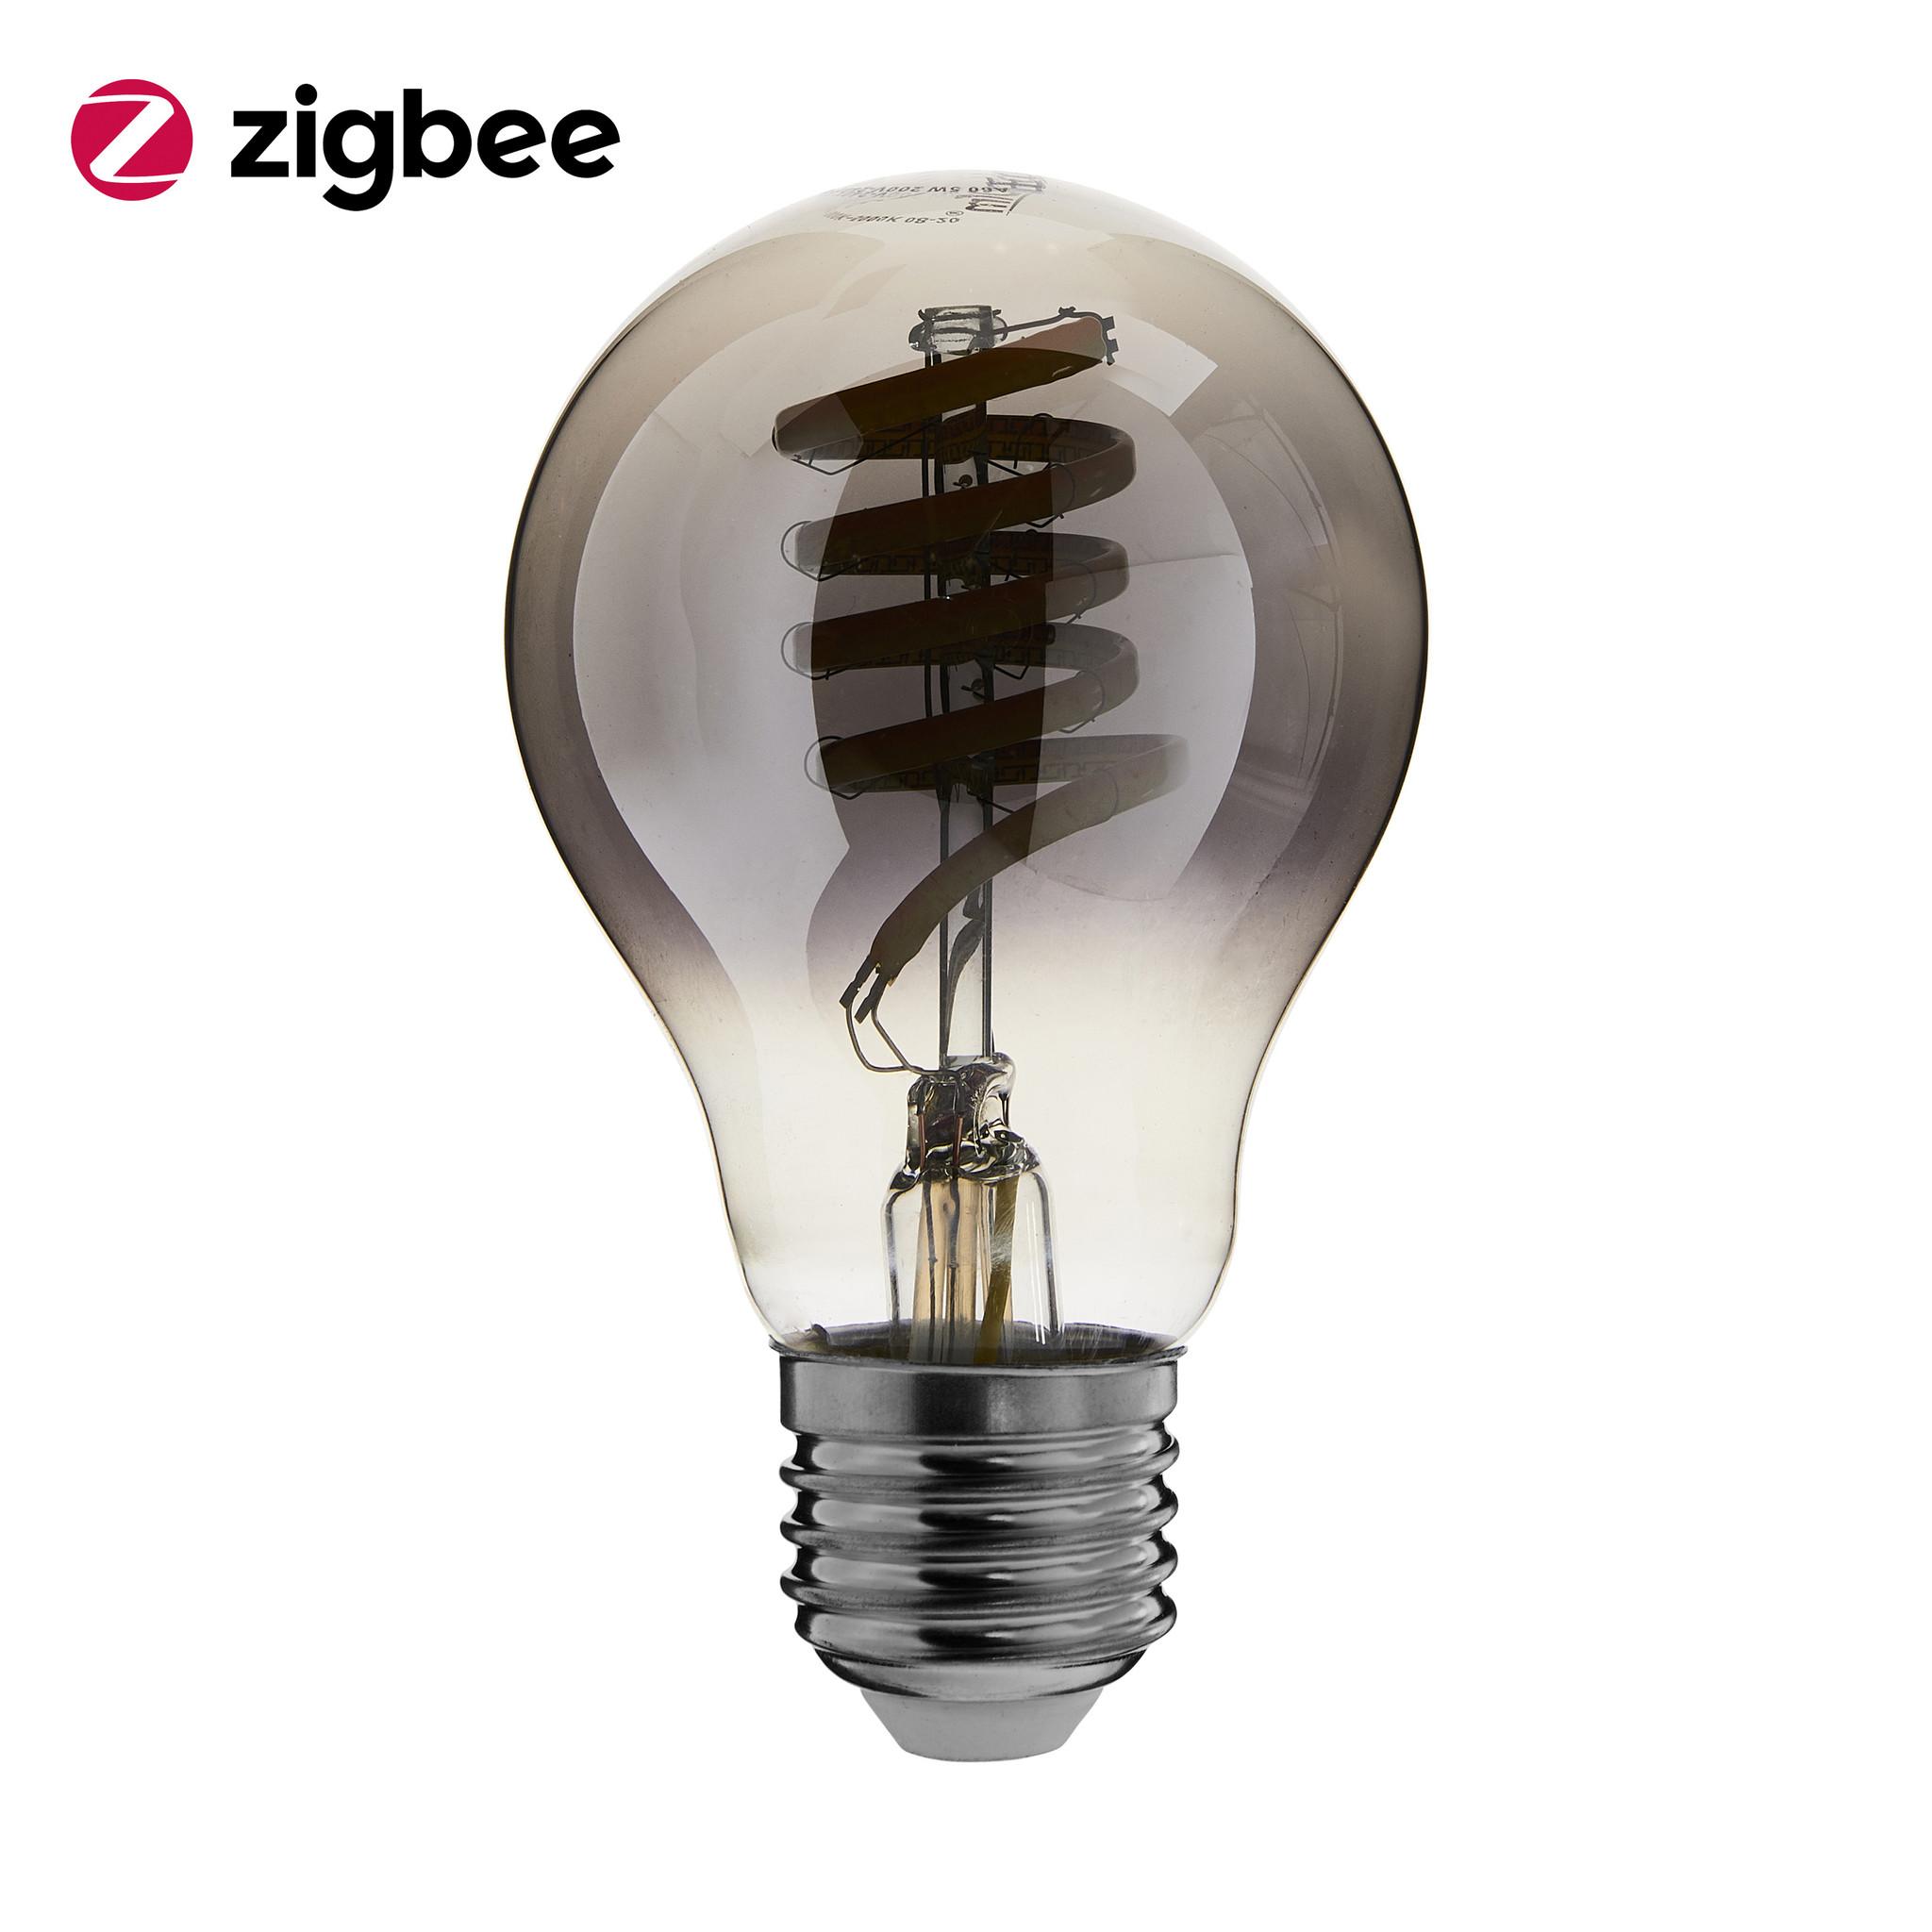 ED-10032 Zigbee led filament lamp dimbaar E27, bulb A60, Smokey 1800K-5000K